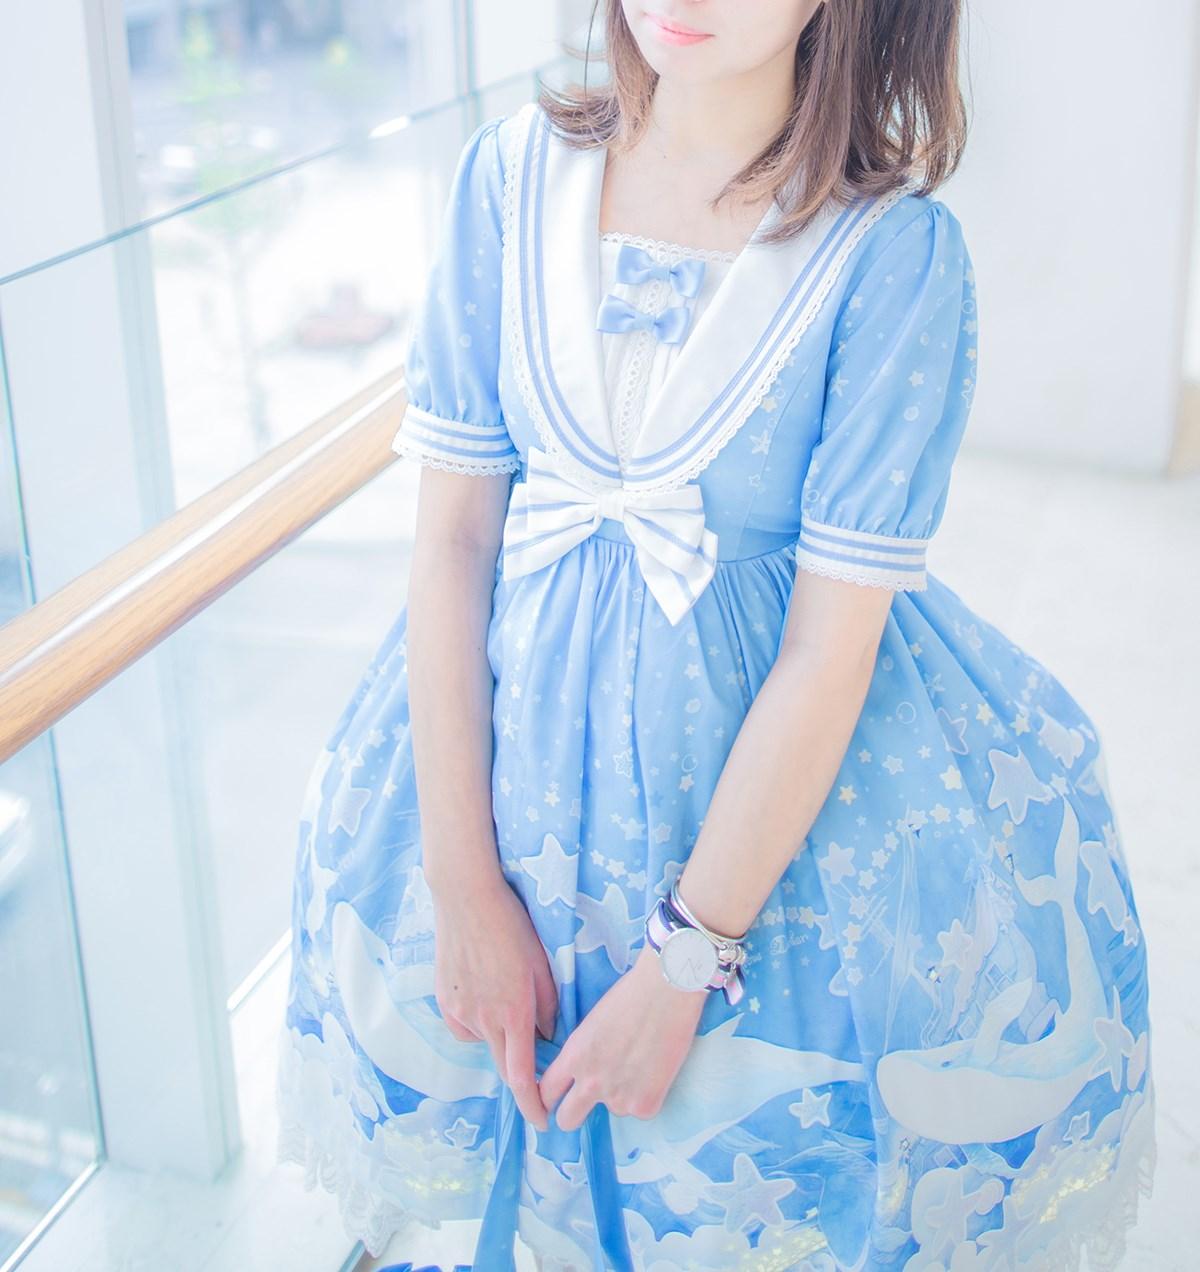 【兔玩映画】蓝色的LO娘 兔玩映画 第8张